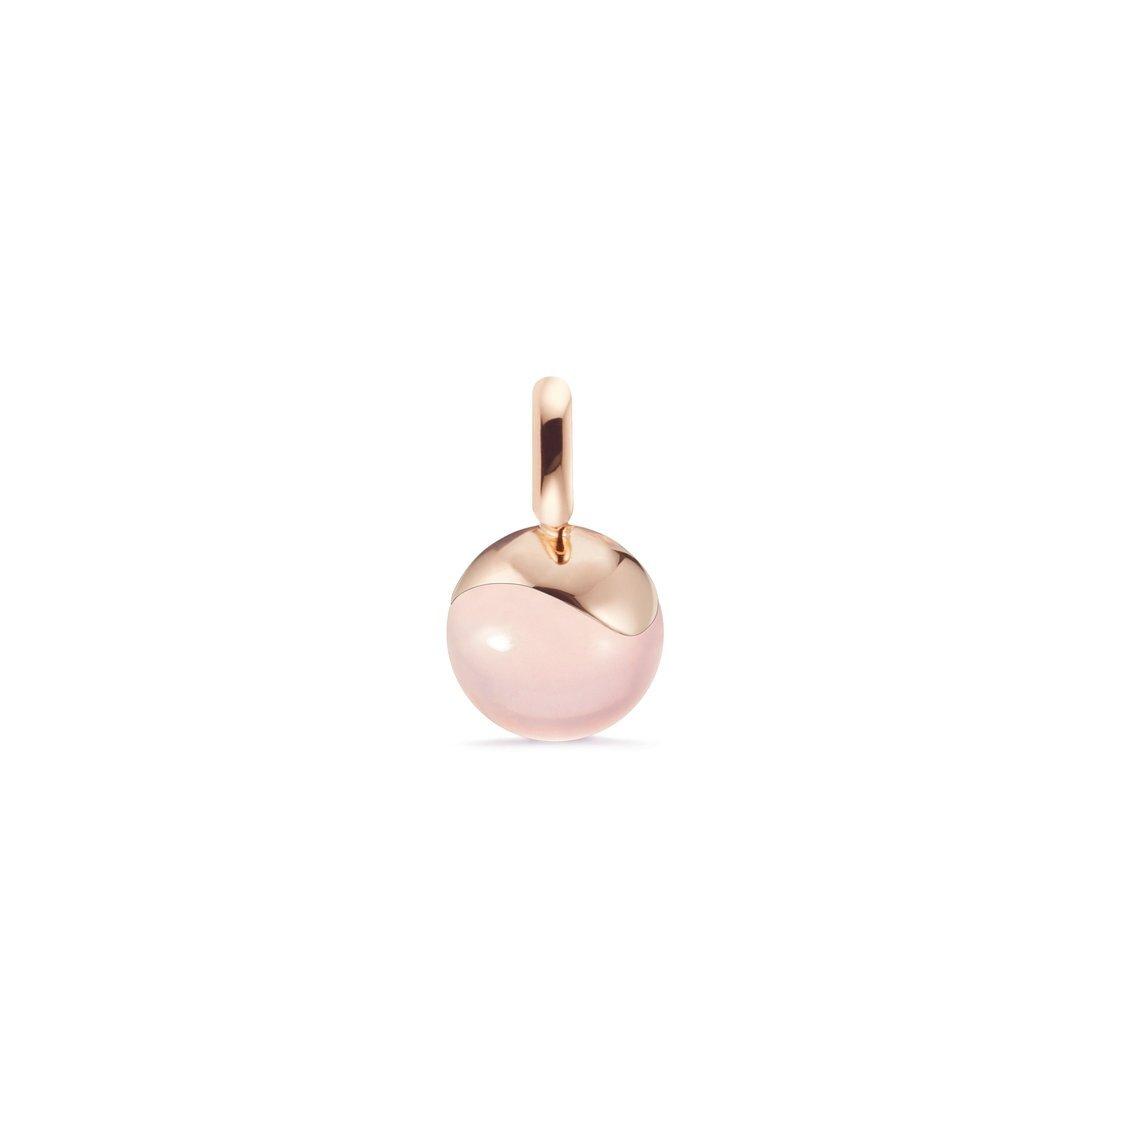 AURA Small Sphere Charm